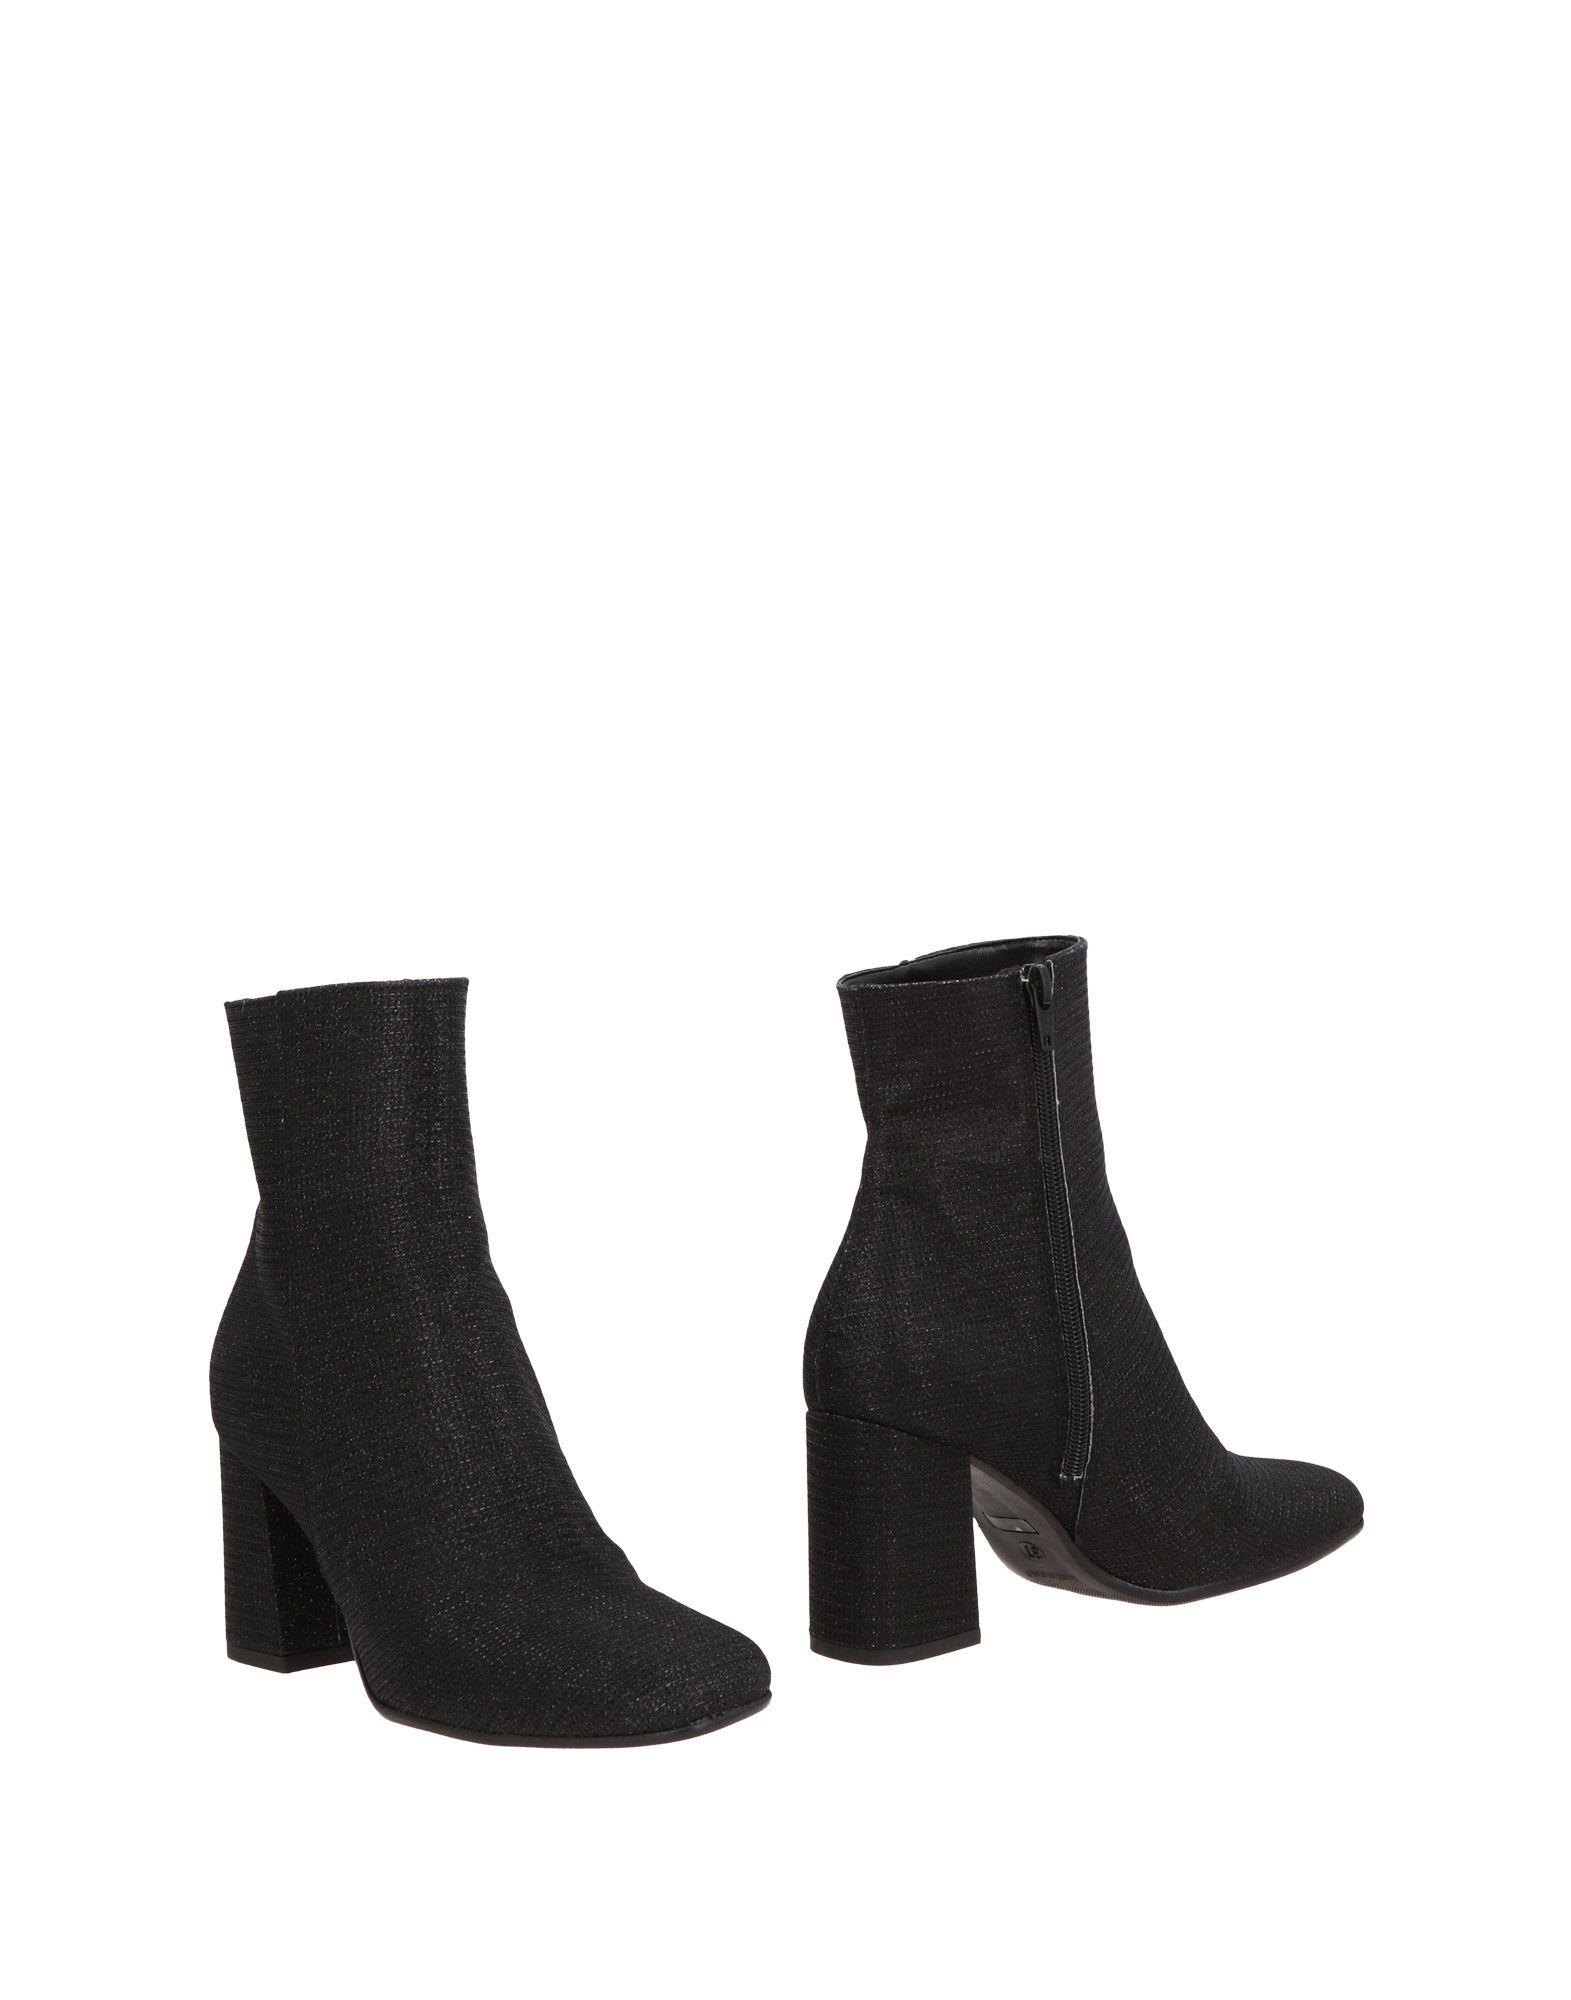 Stilvolle billige Schuhe Annarita N. Stiefelette Damen  11476103EX 11476103EX 11476103EX 7783a7